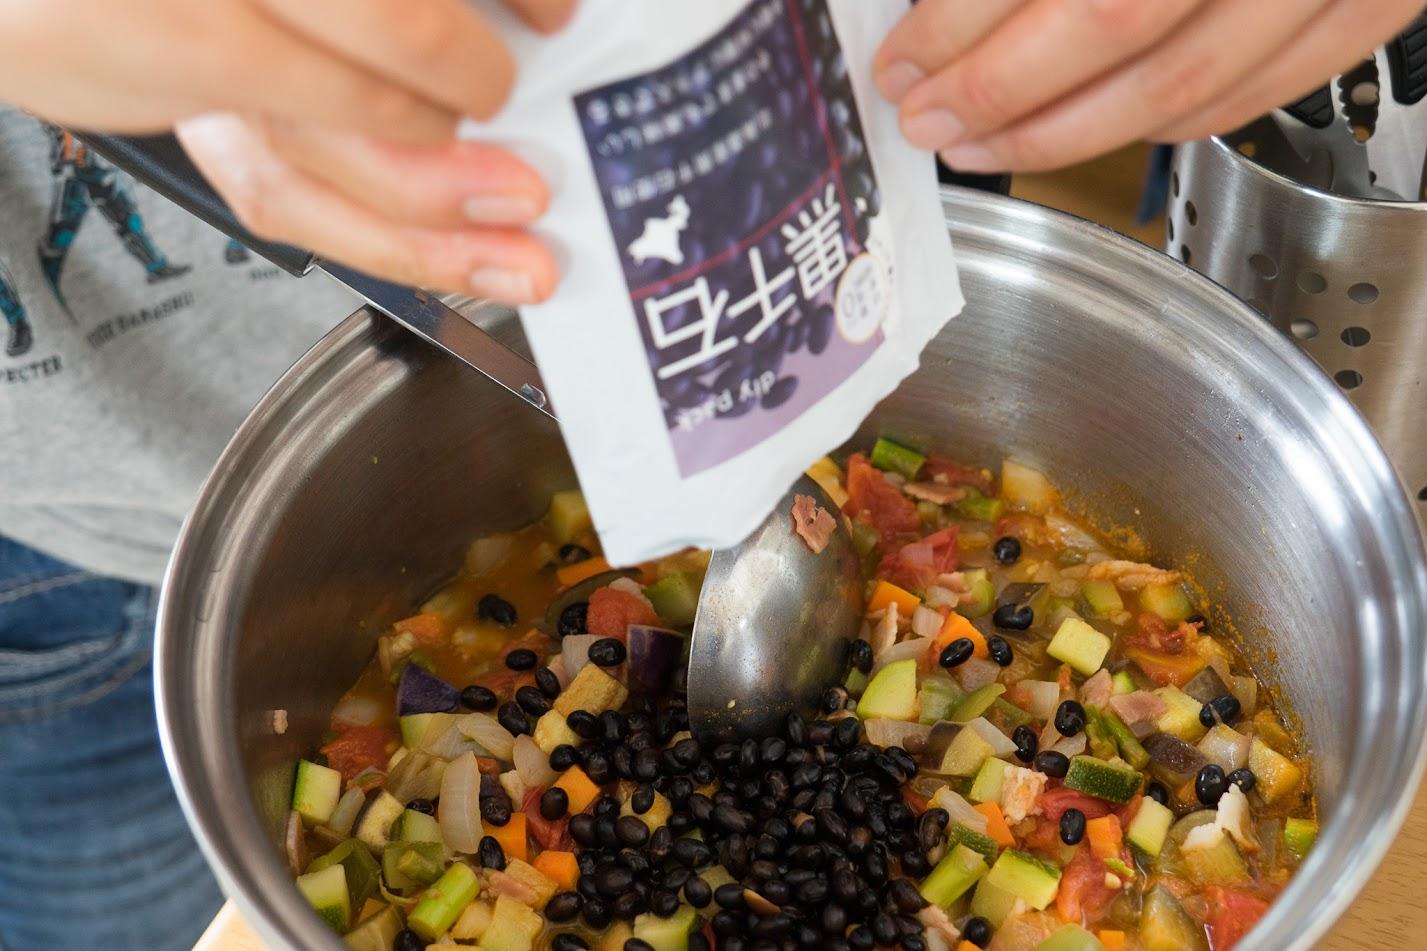 黒千石のラタトゥイユ:黒千石ドライパックを入れて、煮込む